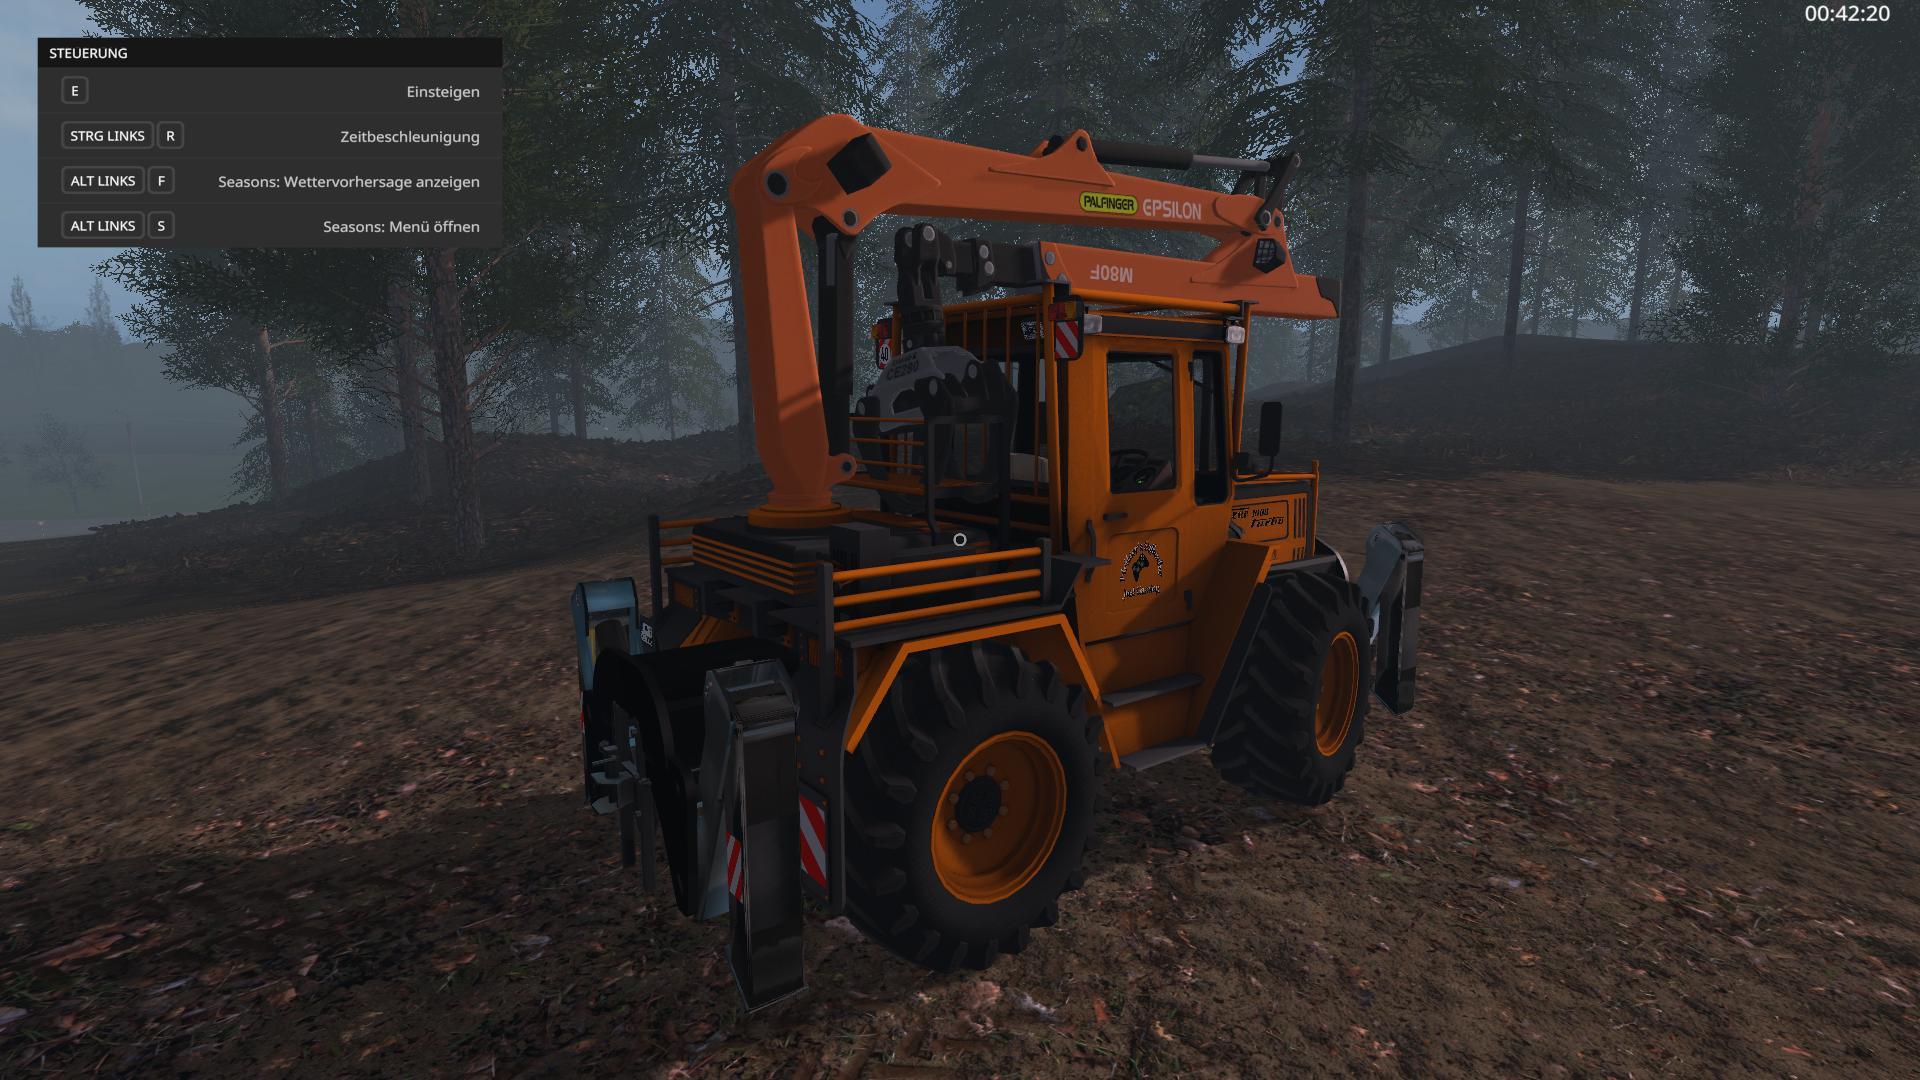 MB Trac 1000 Turbo Forst Edition v1.0